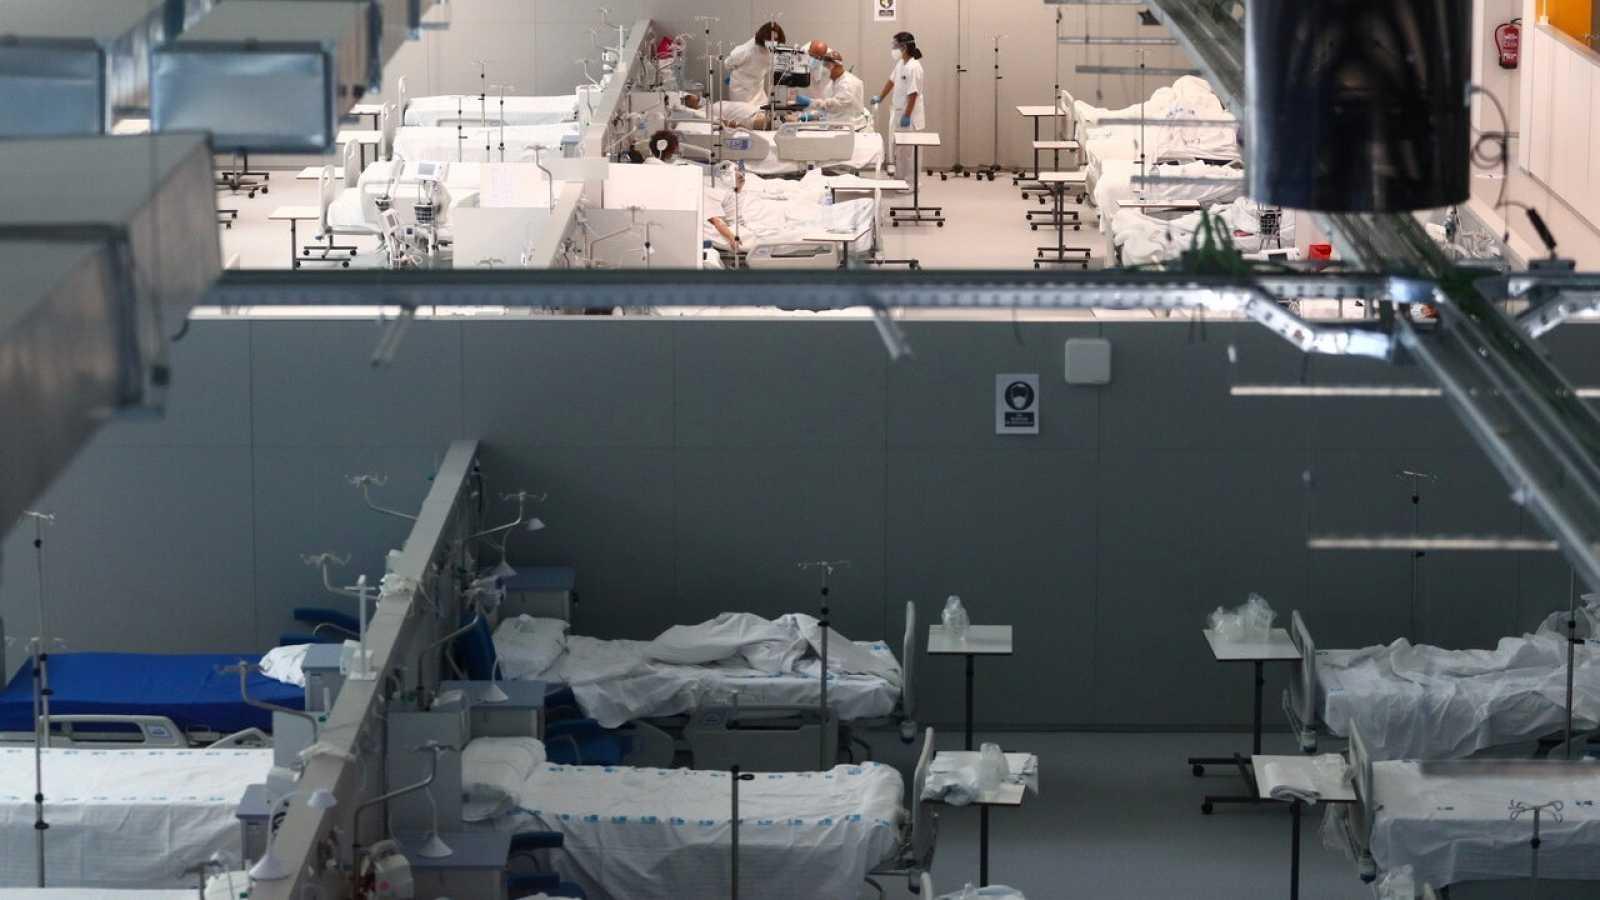 Aspecto del hospital Isabel Zendal en Madrid, el pasado 11 de enero, con pacientes de COVID-19. REUTERS/Sergio Perez